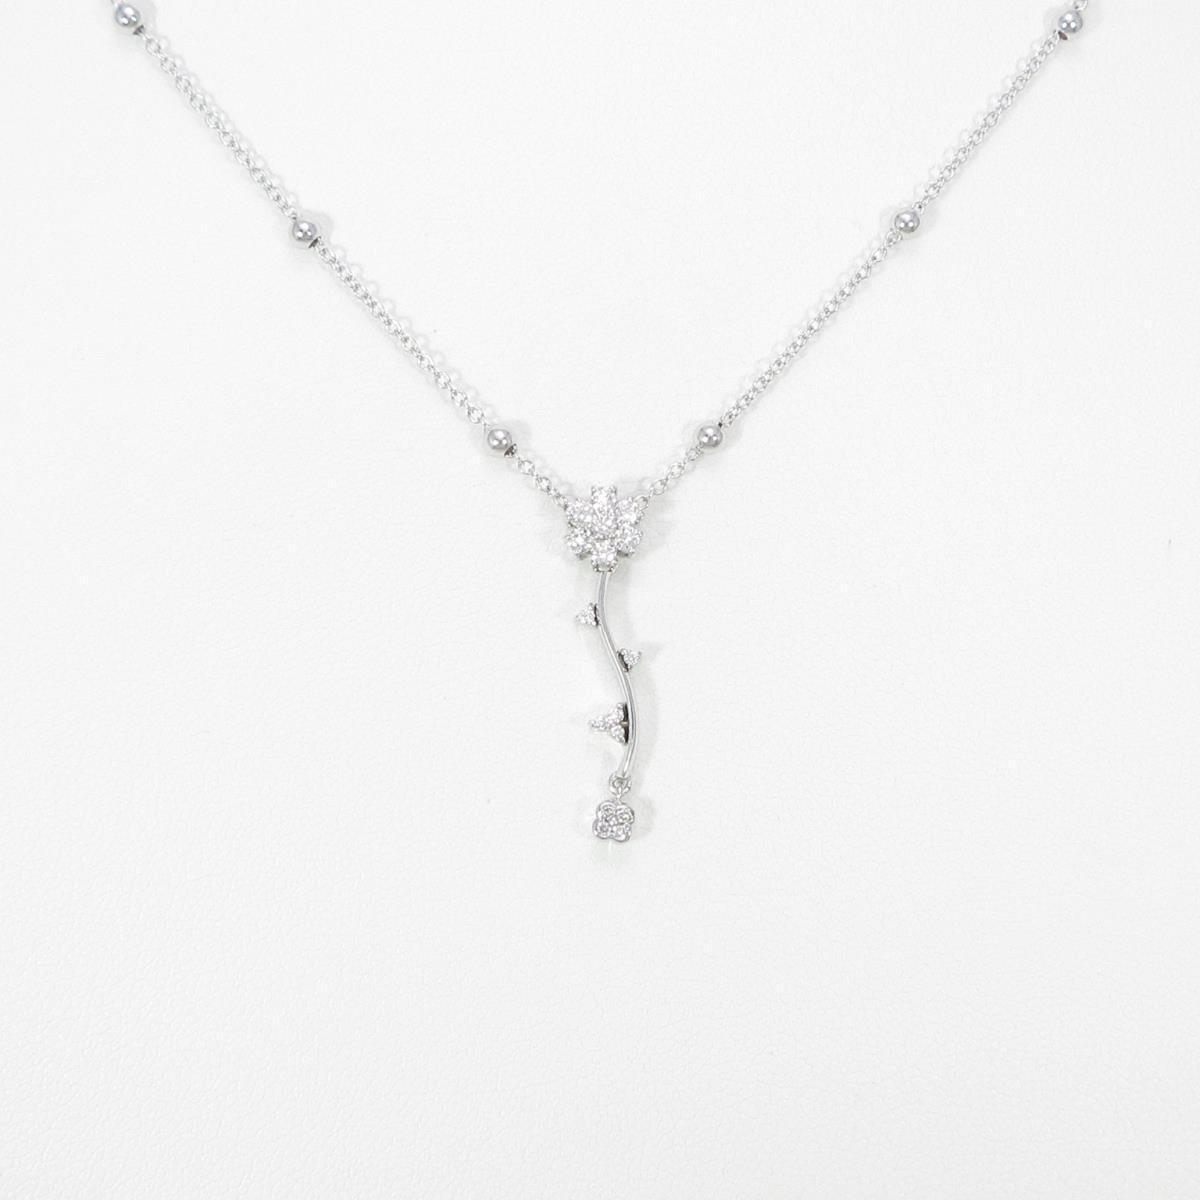 K18WG フラワー ダイヤモンドネックレス【中古】